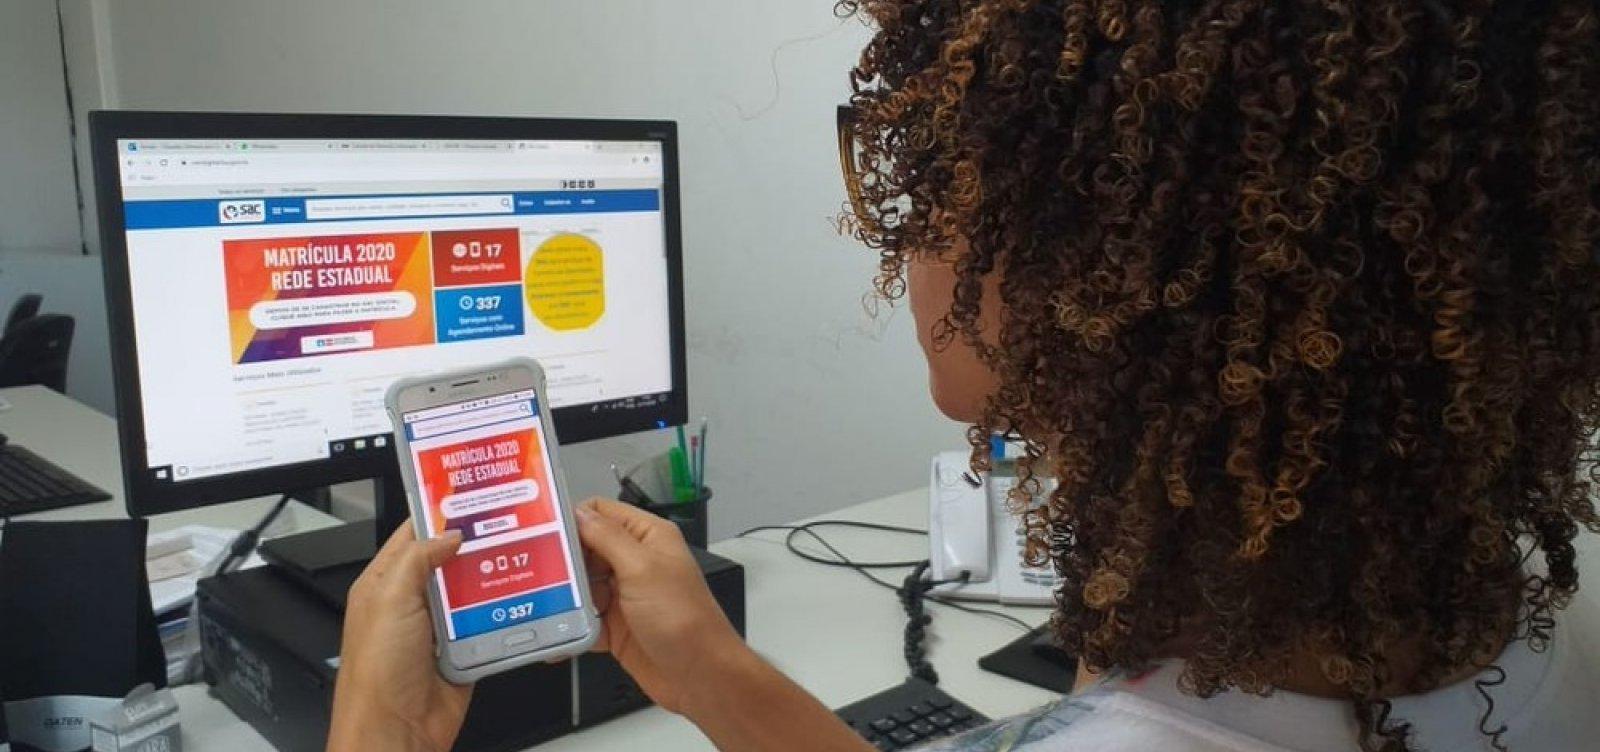 Matrícula na rede estadual: nova etapa abrange Salvador e outras 29 cidades